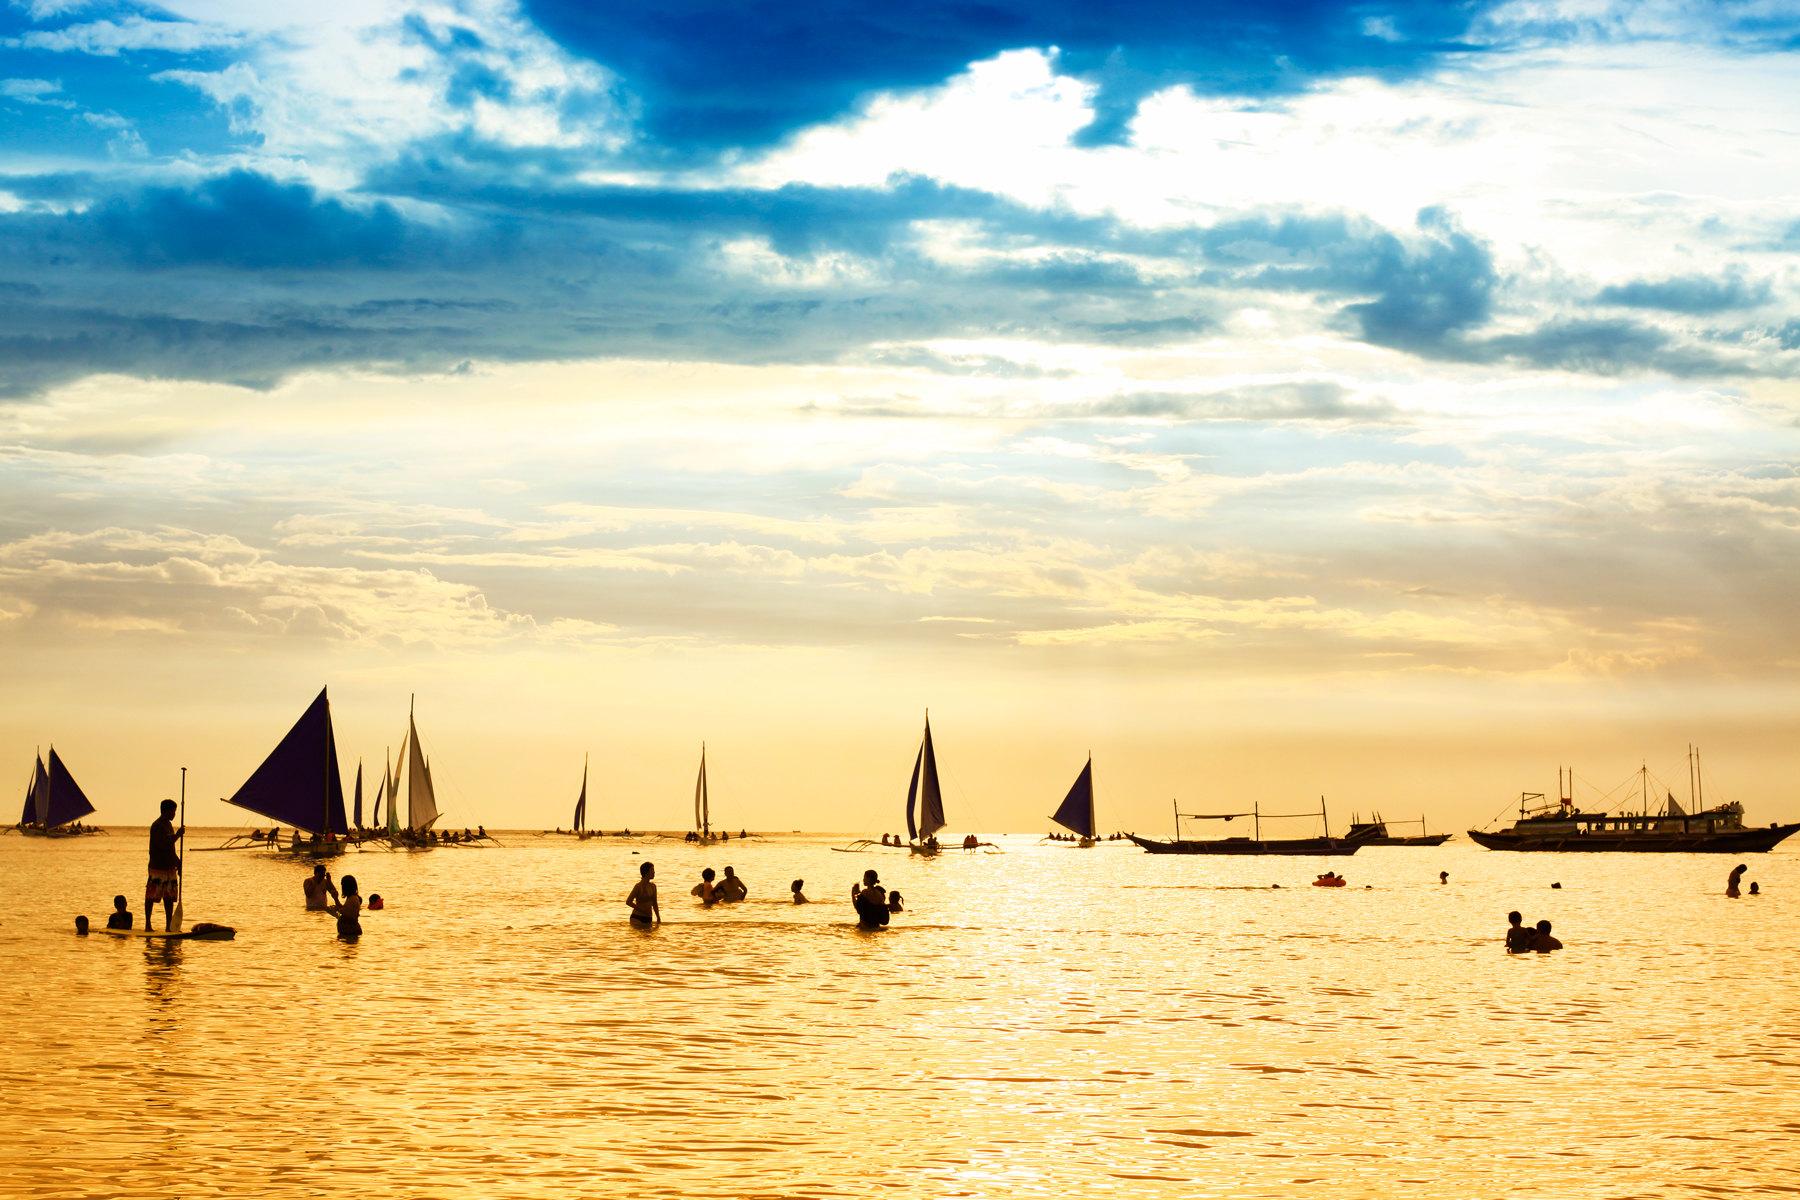 长滩岛6天自助游v攻略攻略-记忆攻略与海的景点雪窦山风景区沙滩阳光图片